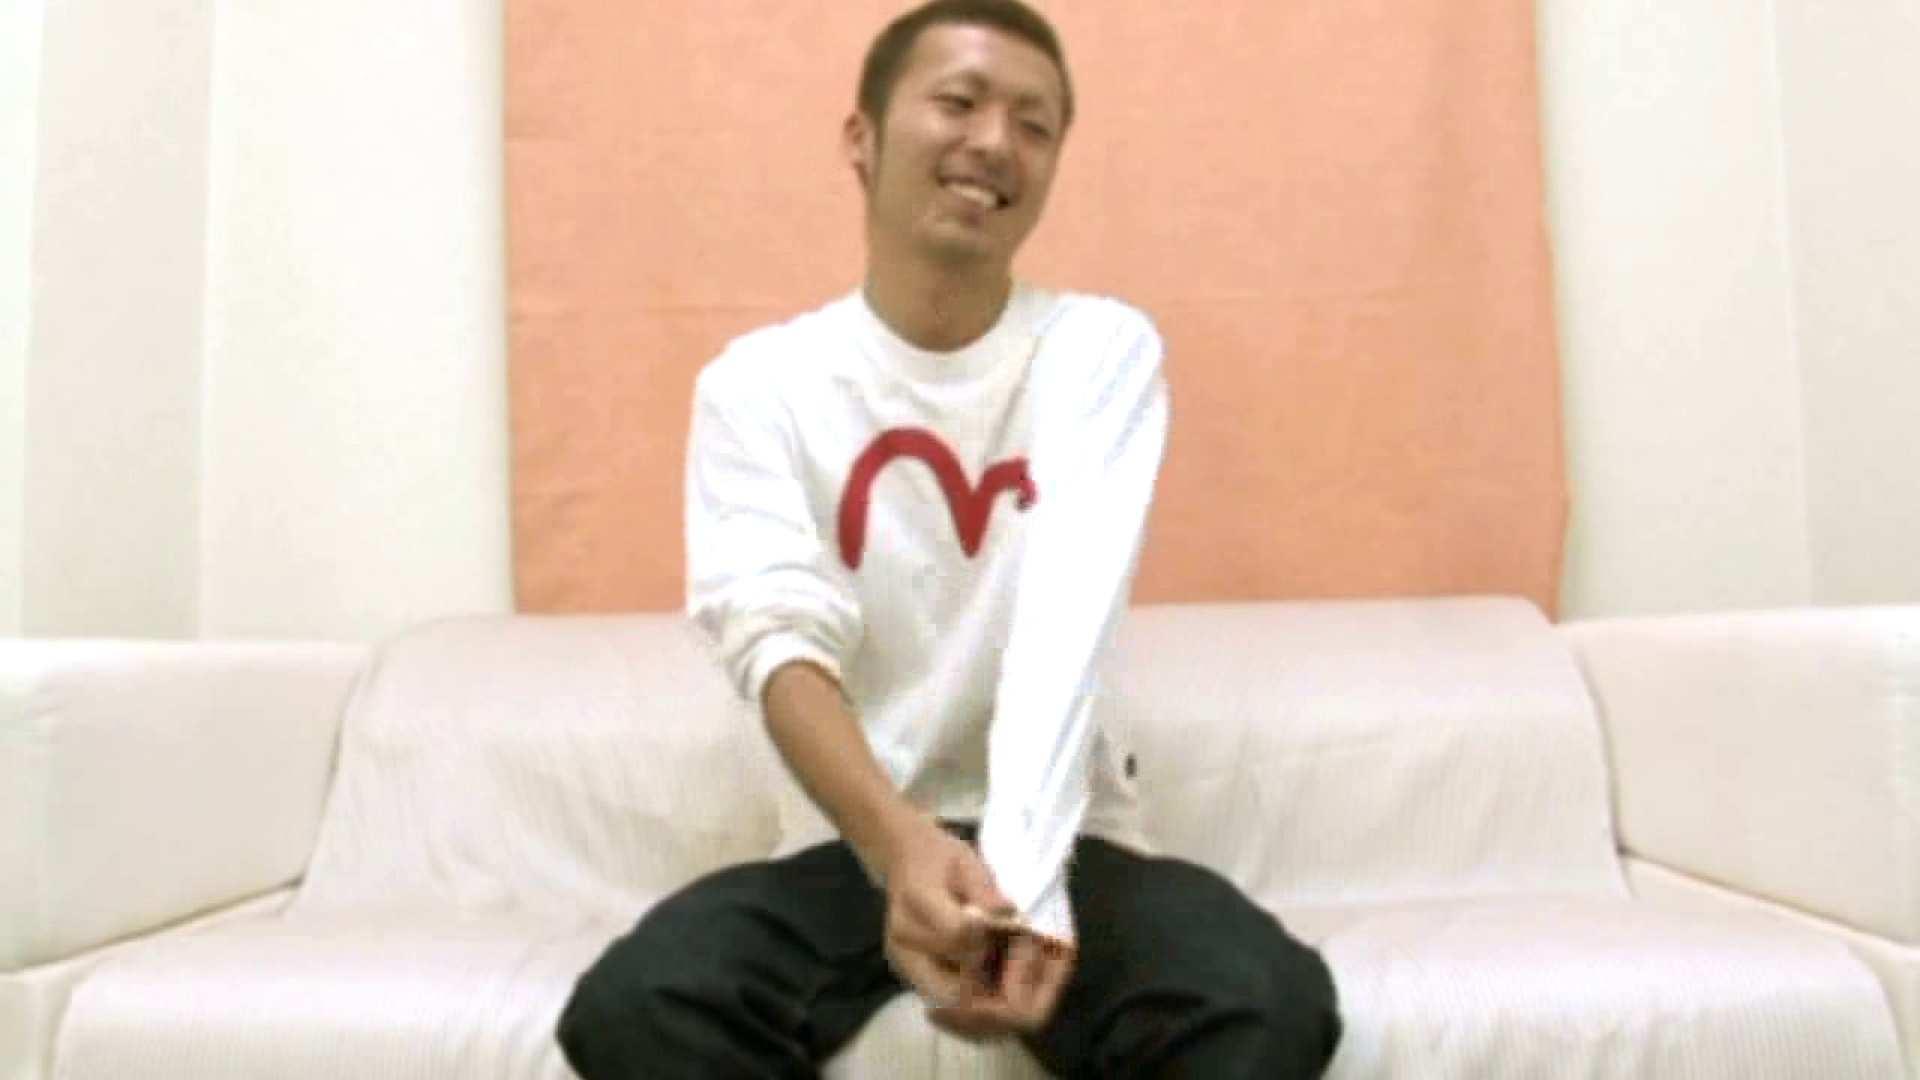 ノンケ!自慰スタジオ No.11 自慰   茶髪  12枚 11